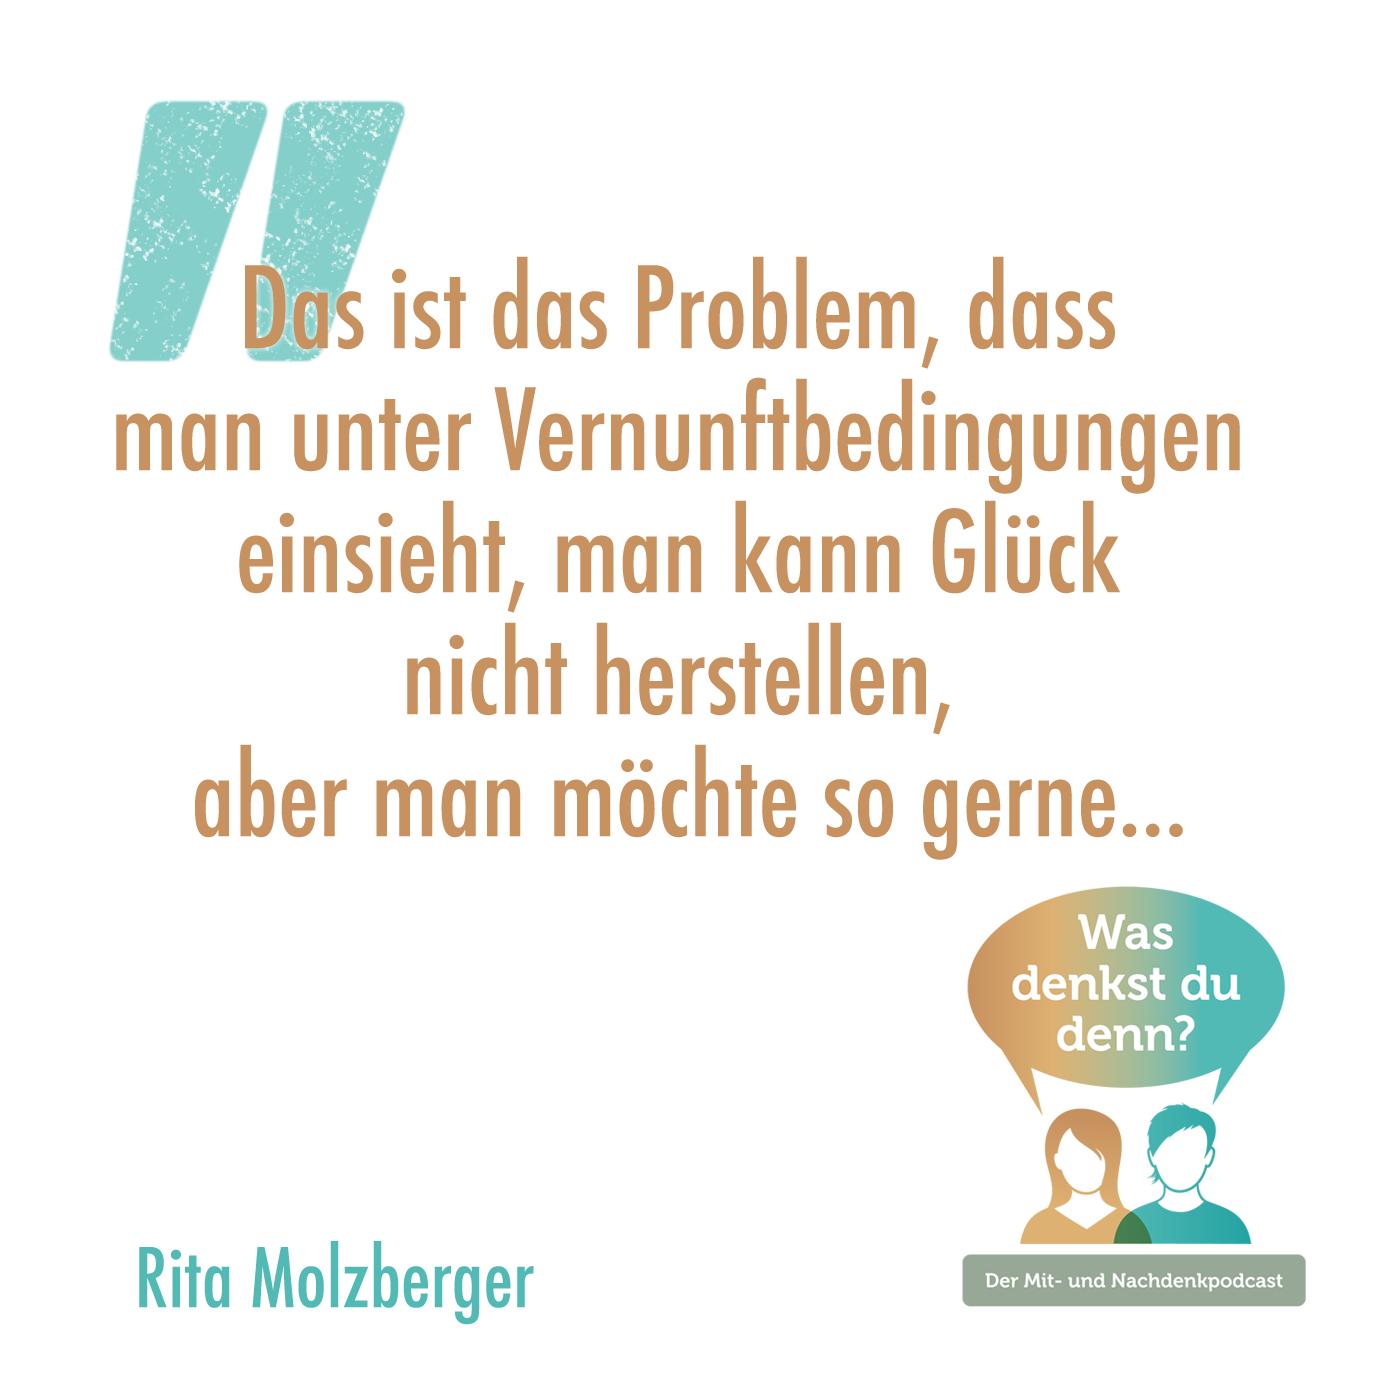 Zitat von Rita: Das ist das Problem, dass man unter Vernunftbedingungen einsieht, man kann Glück nicht herstellen, aber man möchte so gerne...